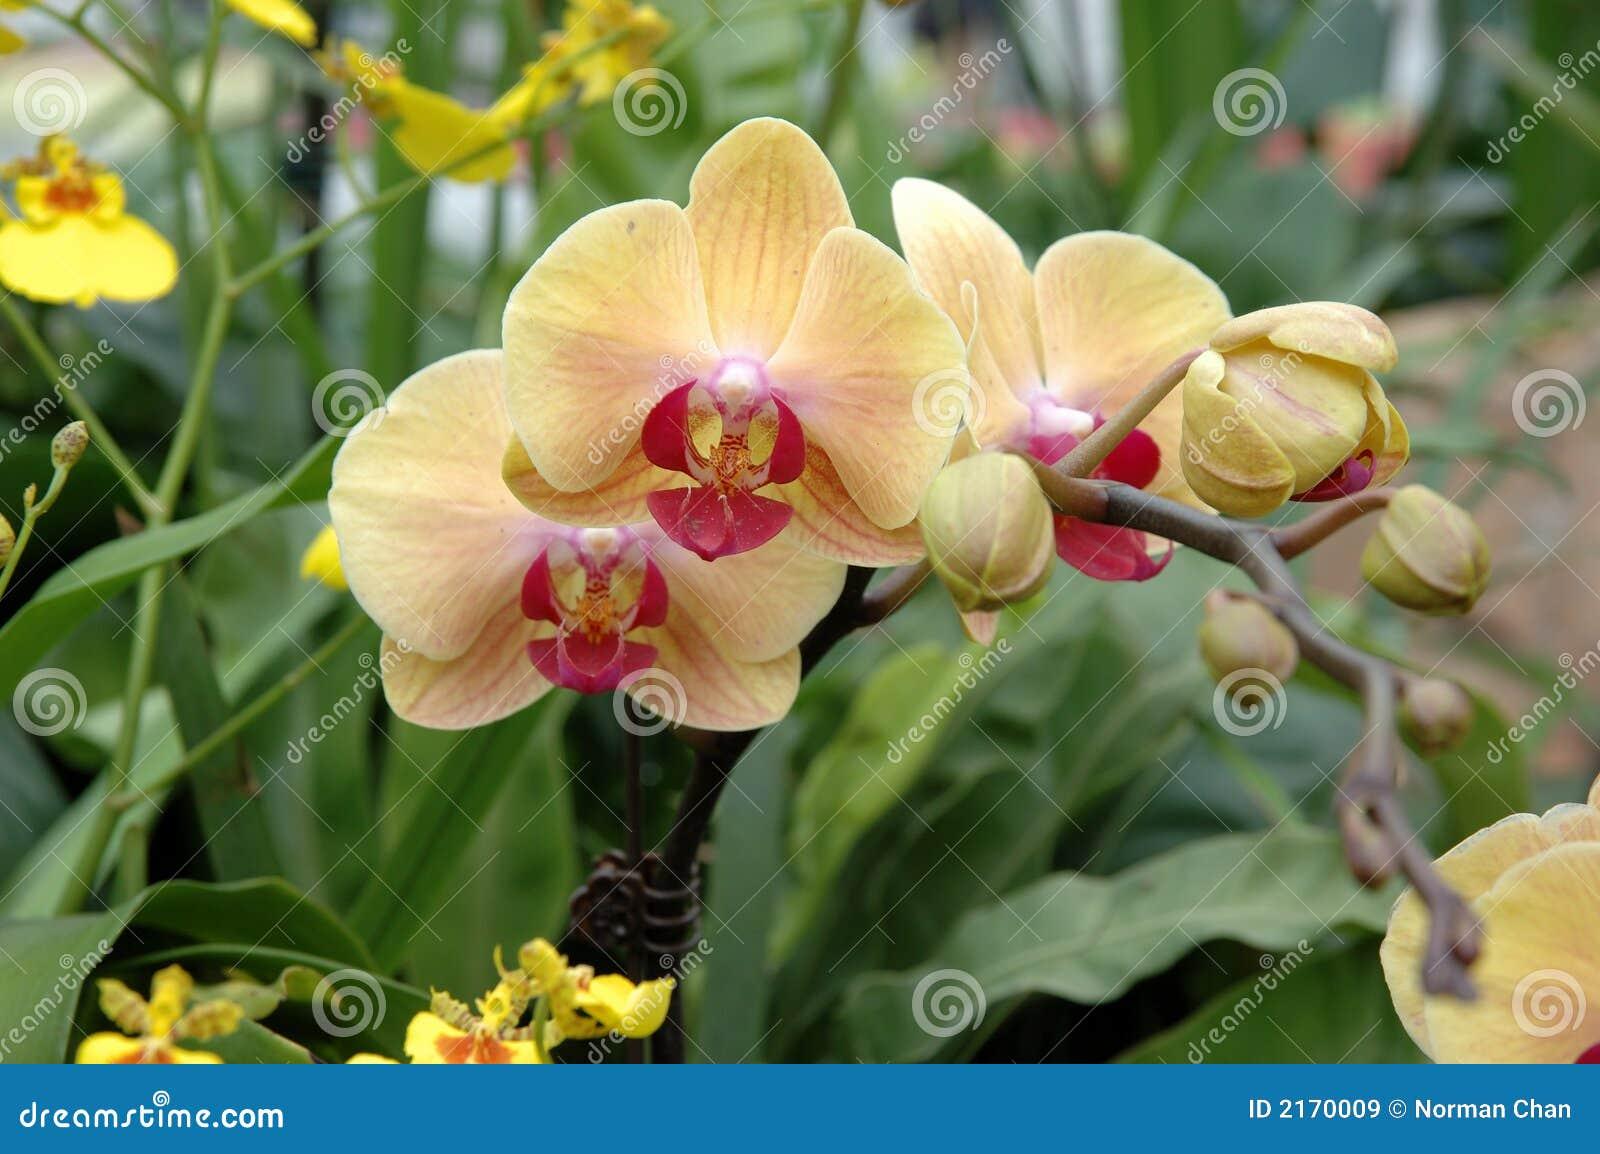 Geel-roze orchideeën